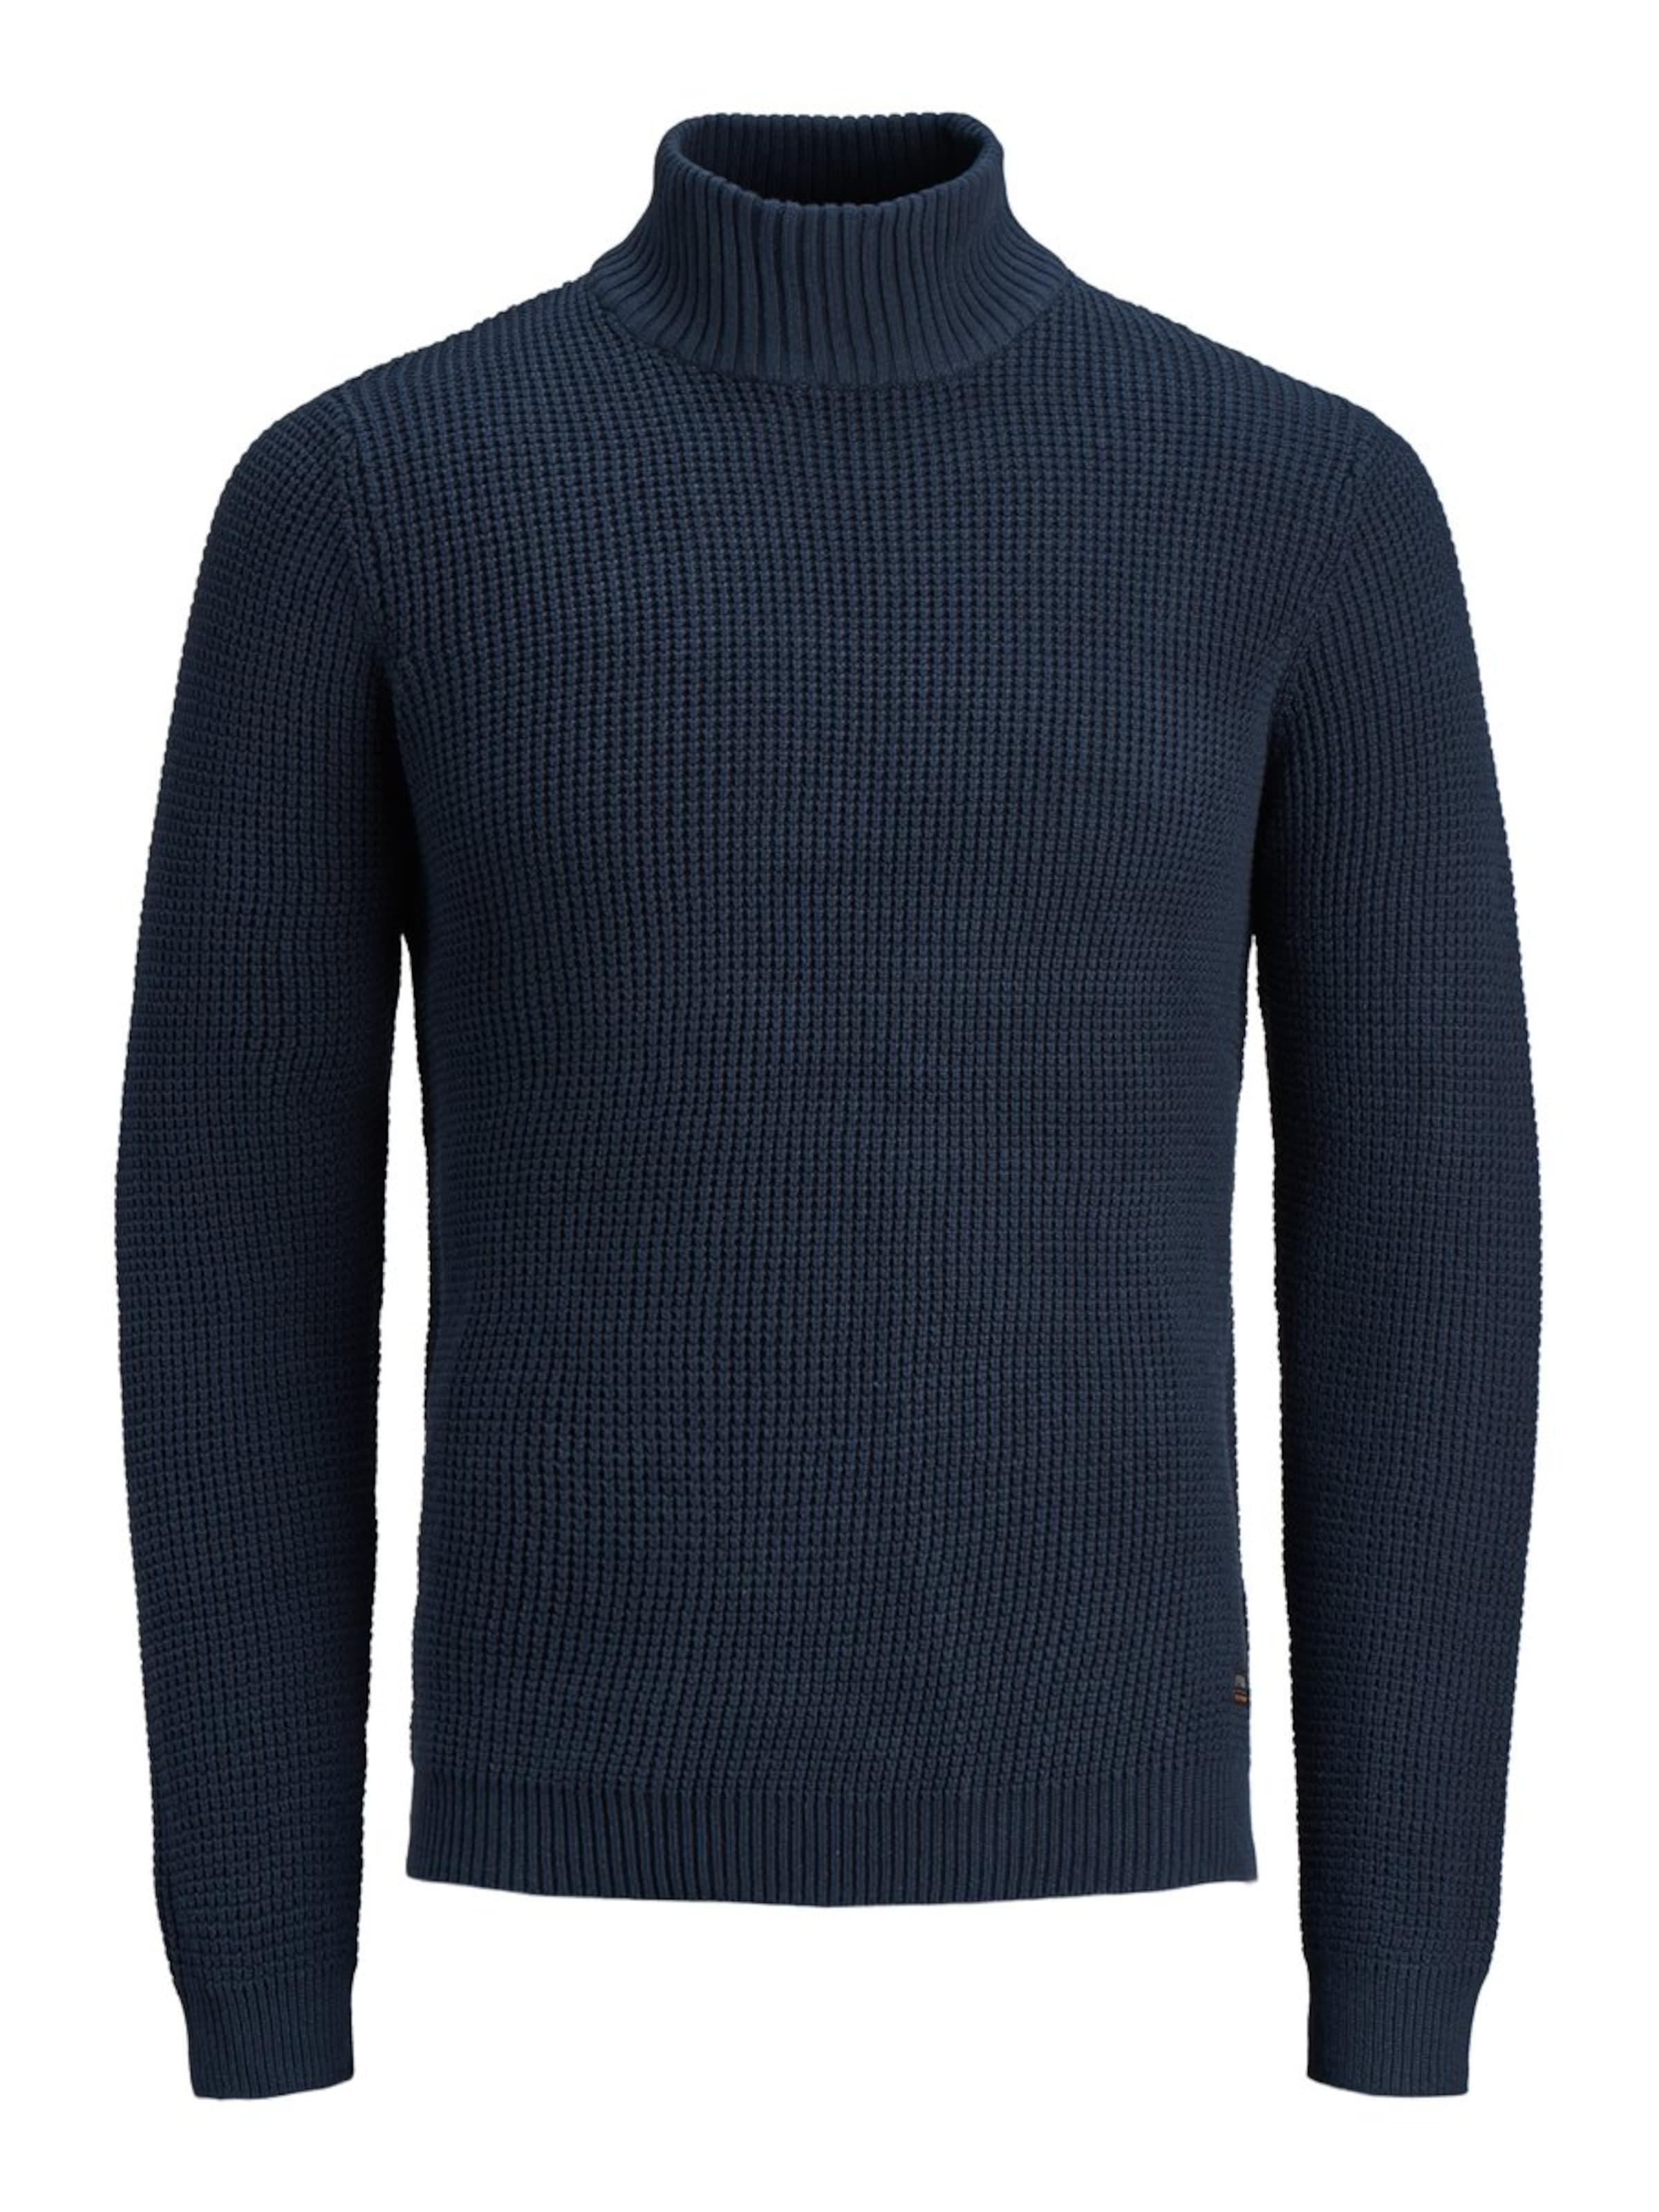 Produkt Pullover Navy Pullover Produkt In Pullover Produkt In Navy uT13FKJcl